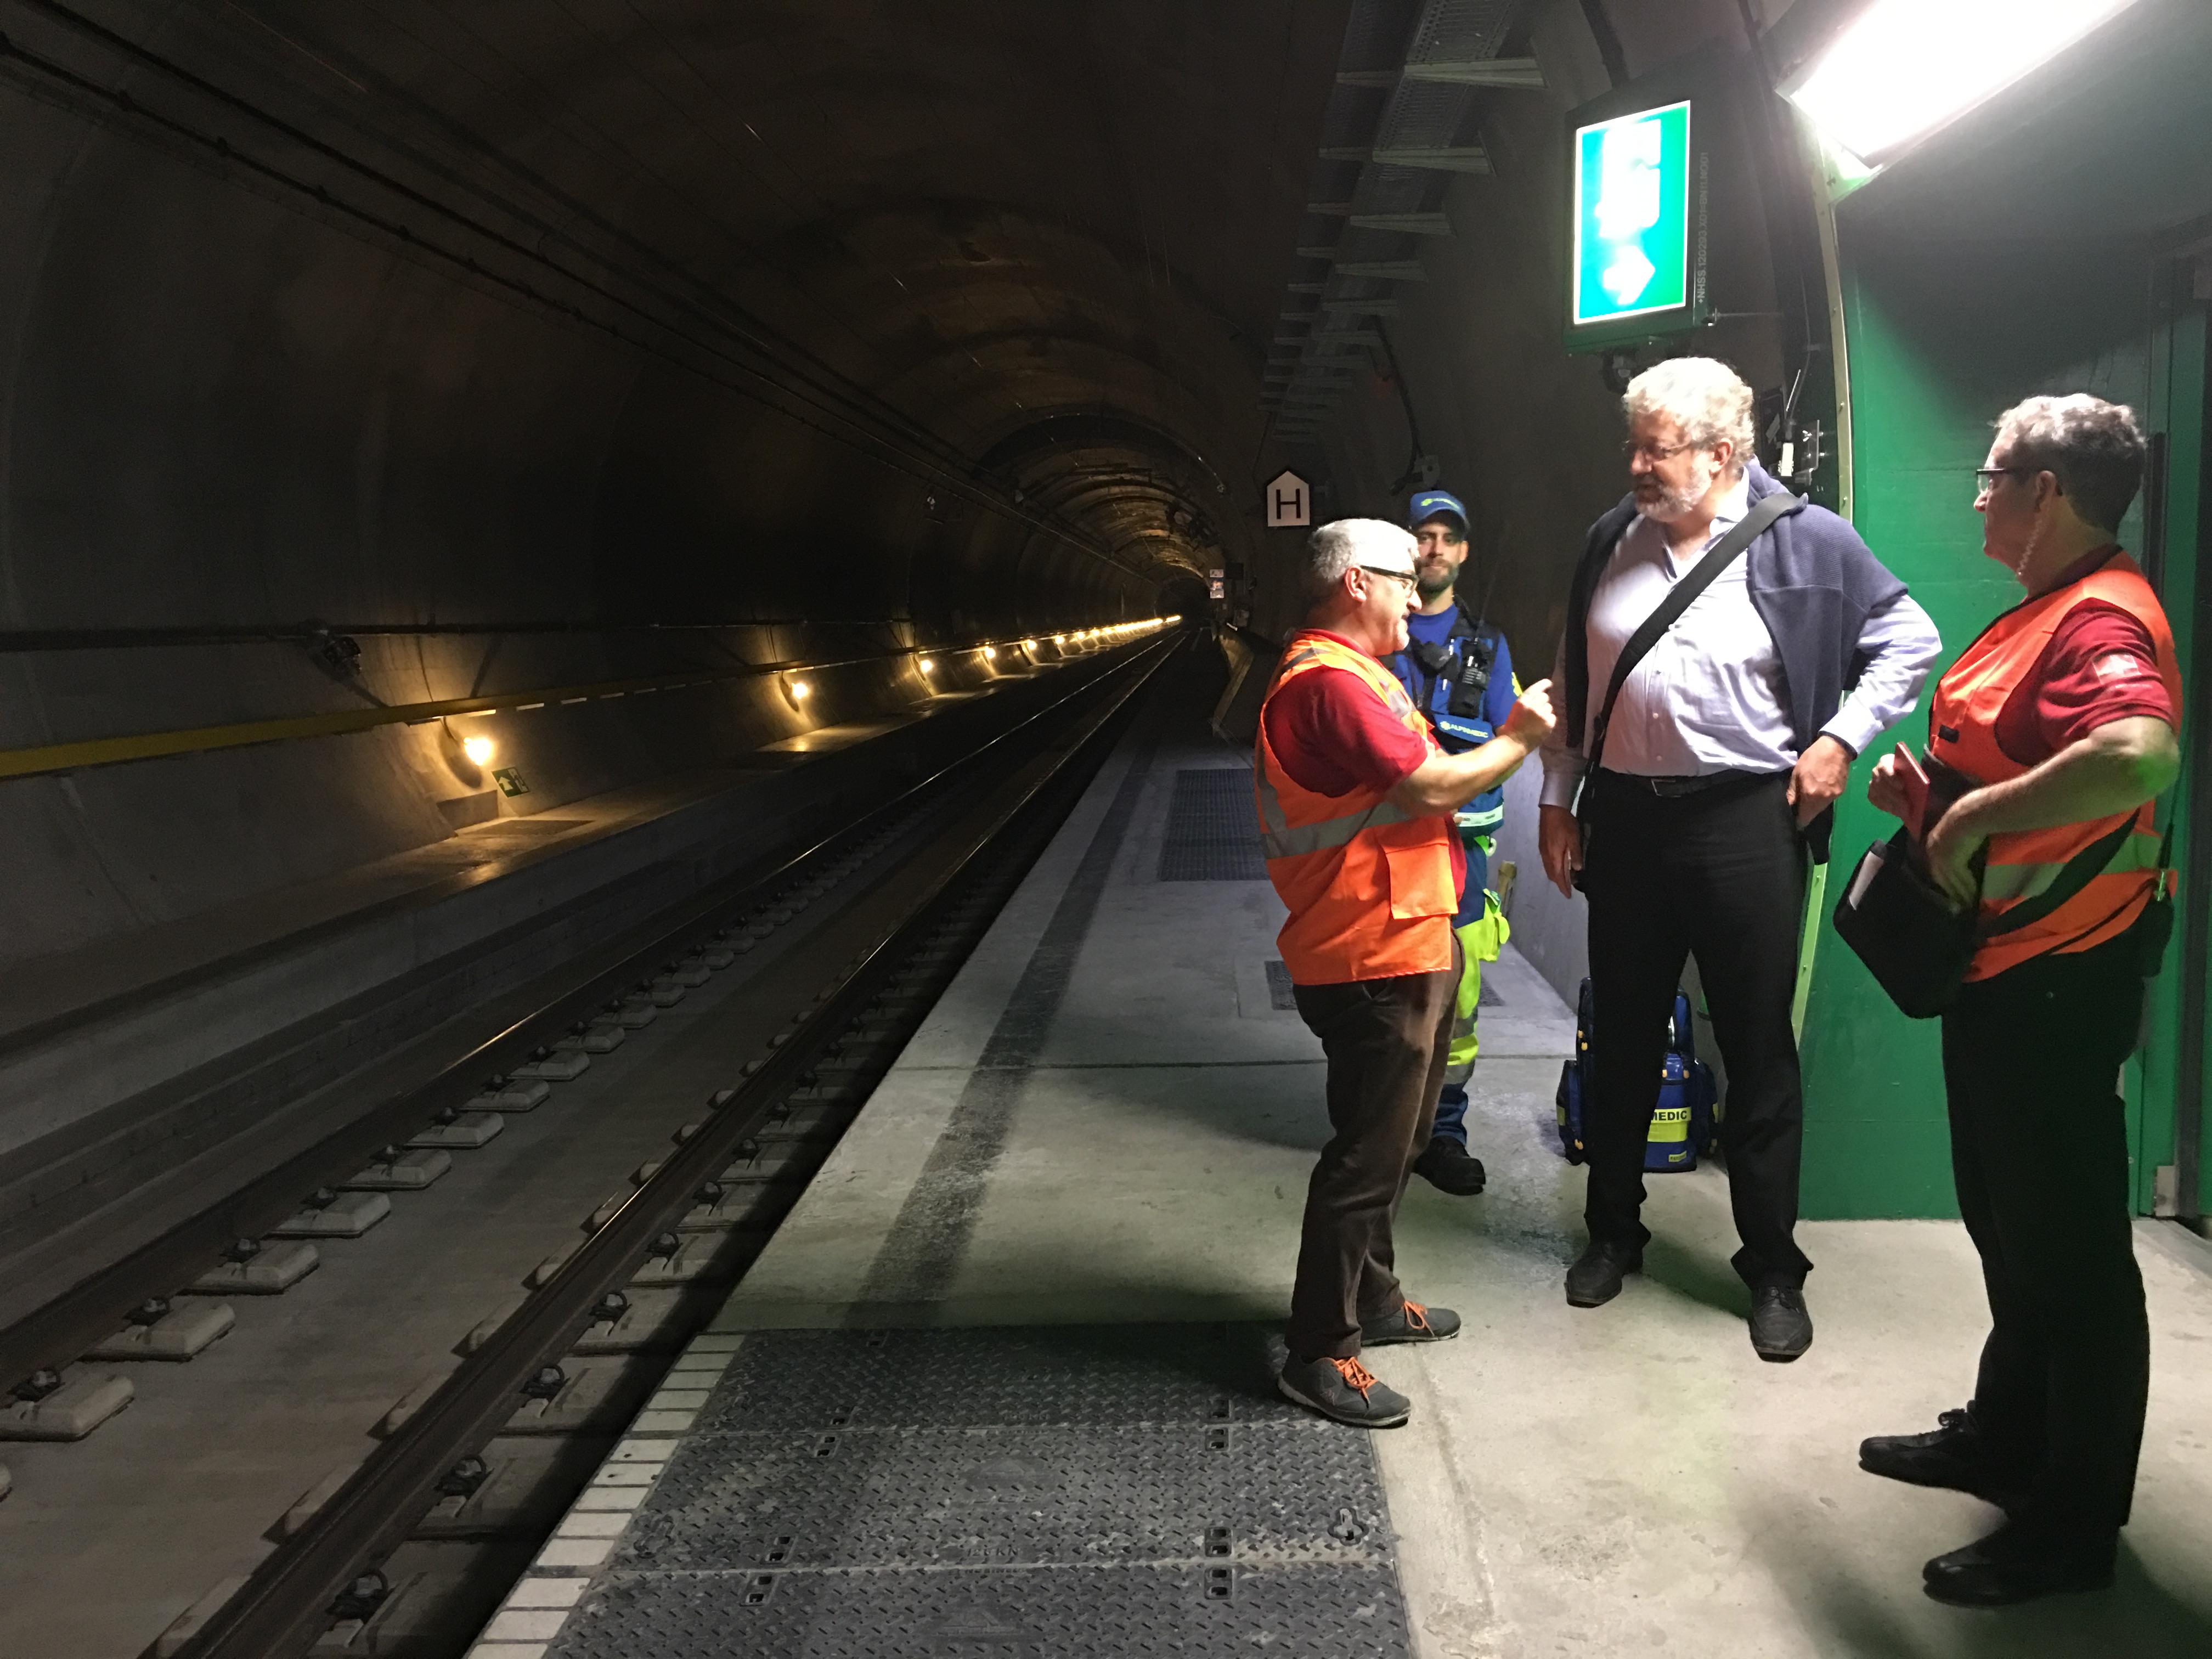 Erklärungen zum Regime der Züge bei der Fahrt durch den Gotthard-Basistunnel: Bis zu 3 Güterzüge warten jeweils auf die Einfahrt des (schnelleren) Personenzuges und schliessen sich dann an.